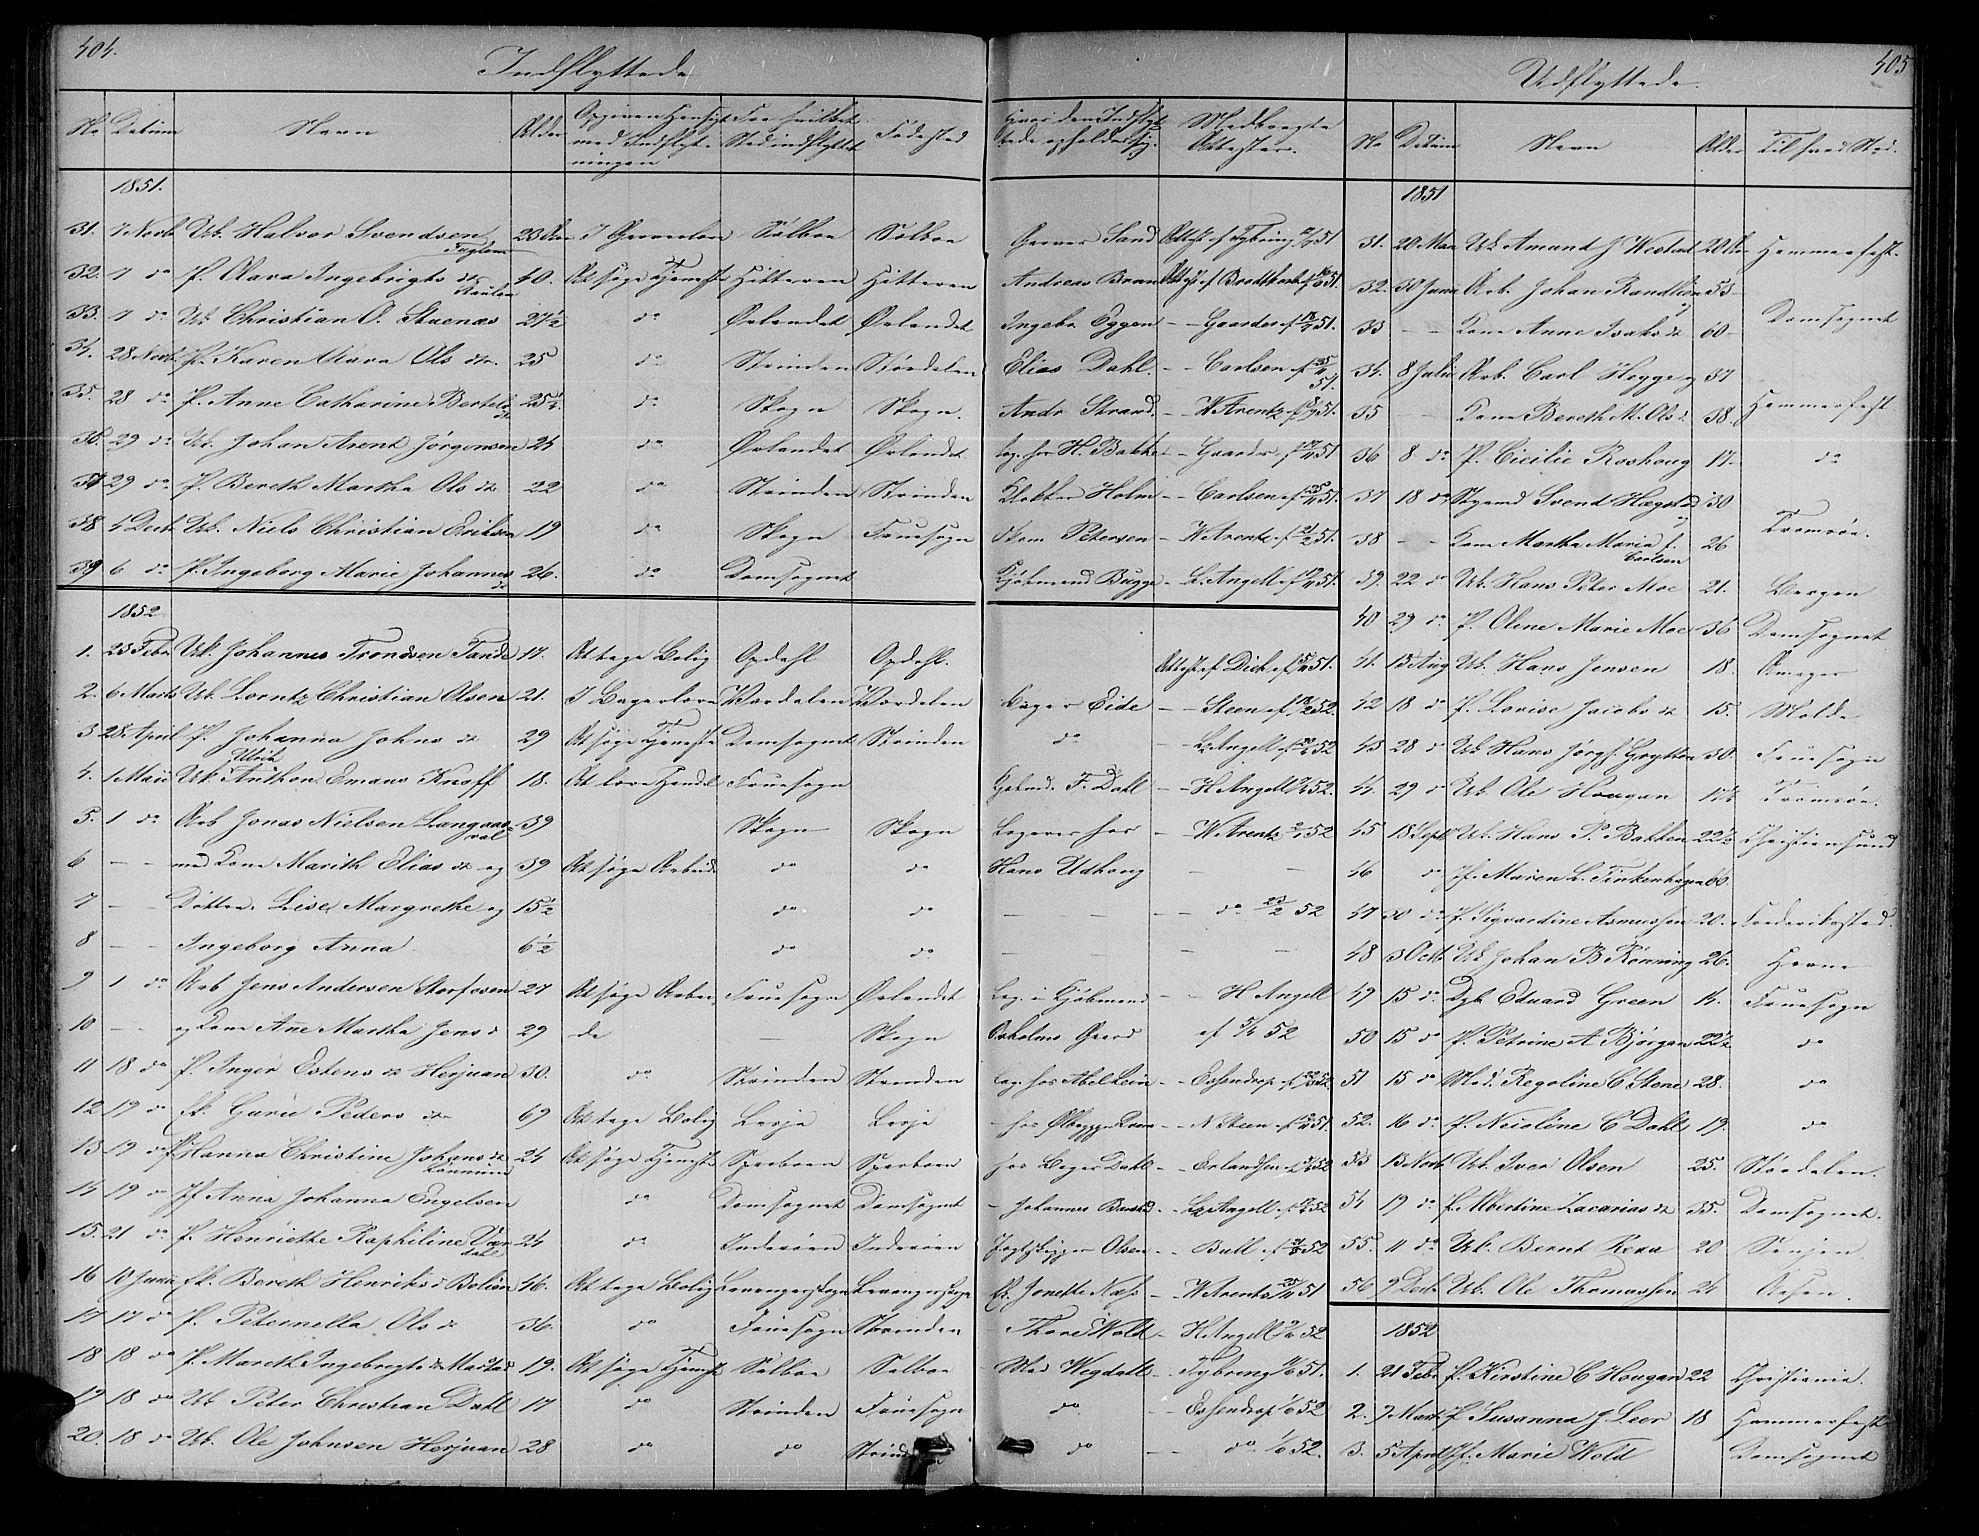 SAT, Ministerialprotokoller, klokkerbøker og fødselsregistre - Sør-Trøndelag, 604/L0219: Klokkerbok nr. 604C02, 1851-1869, s. 404-405